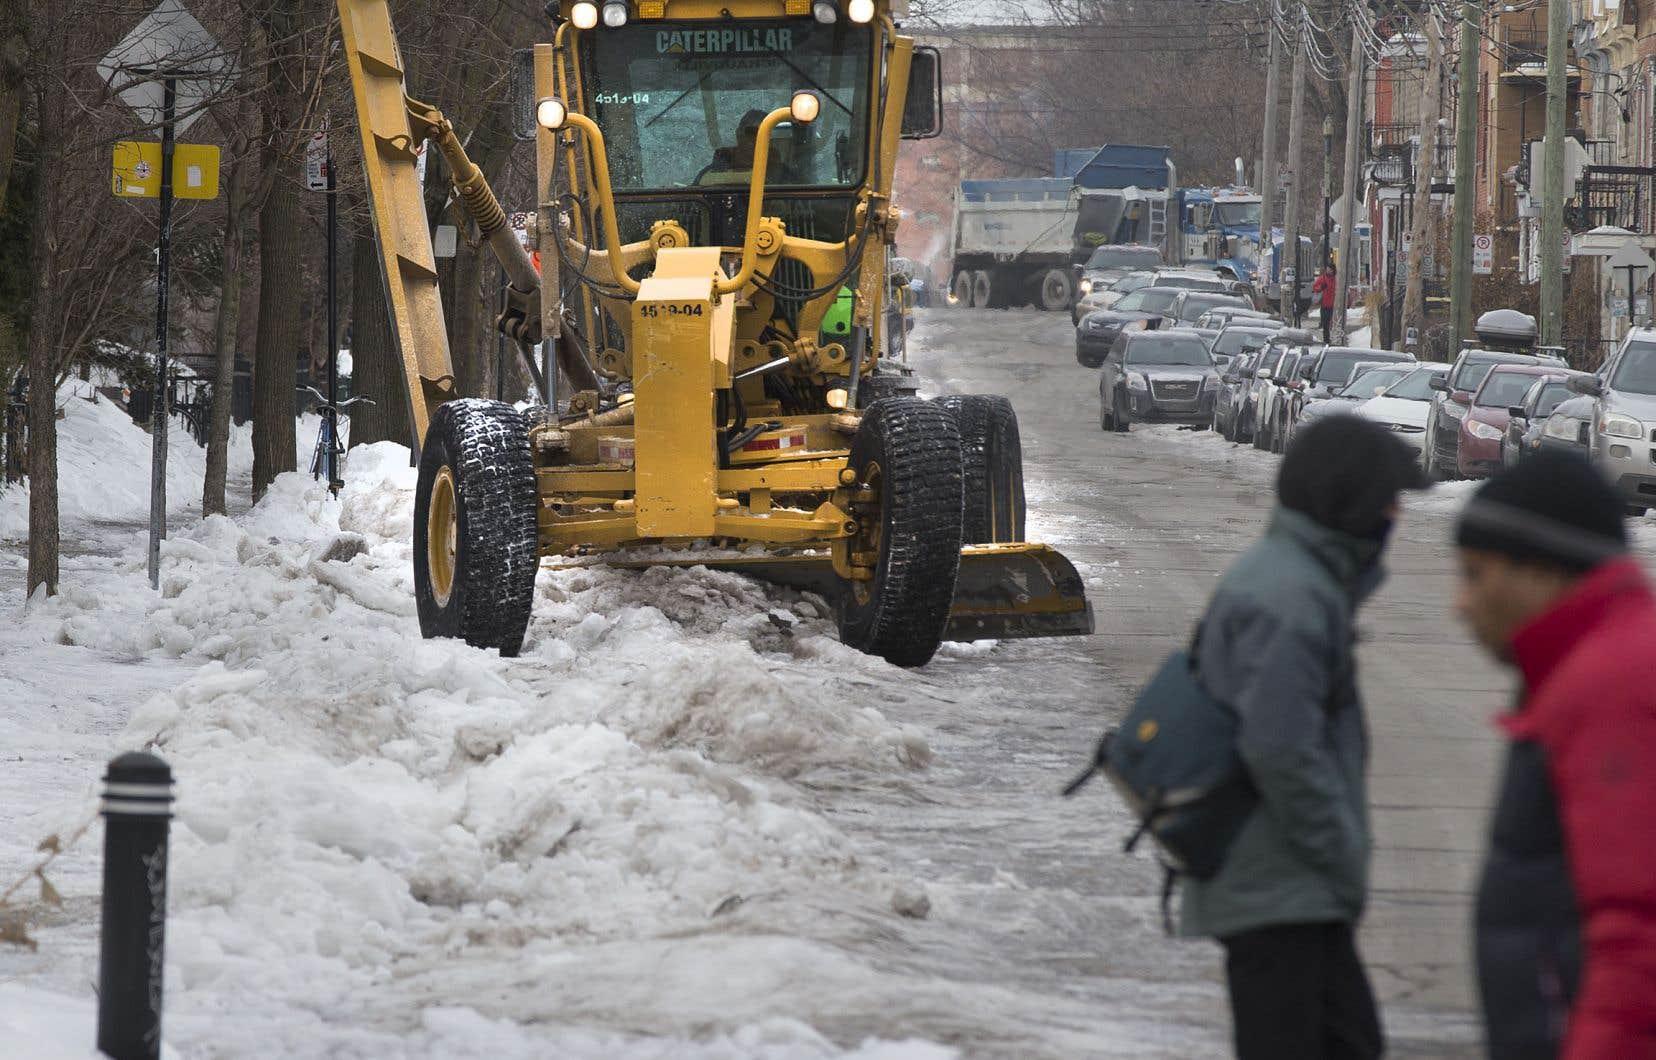 Les amas de neige dans les rues de la métropole se sont transformés en glace. Les niveleuses et autres chasse-neige s'y sont attaqués lundi, mais les bris d'équipement pourraient être nombreux.